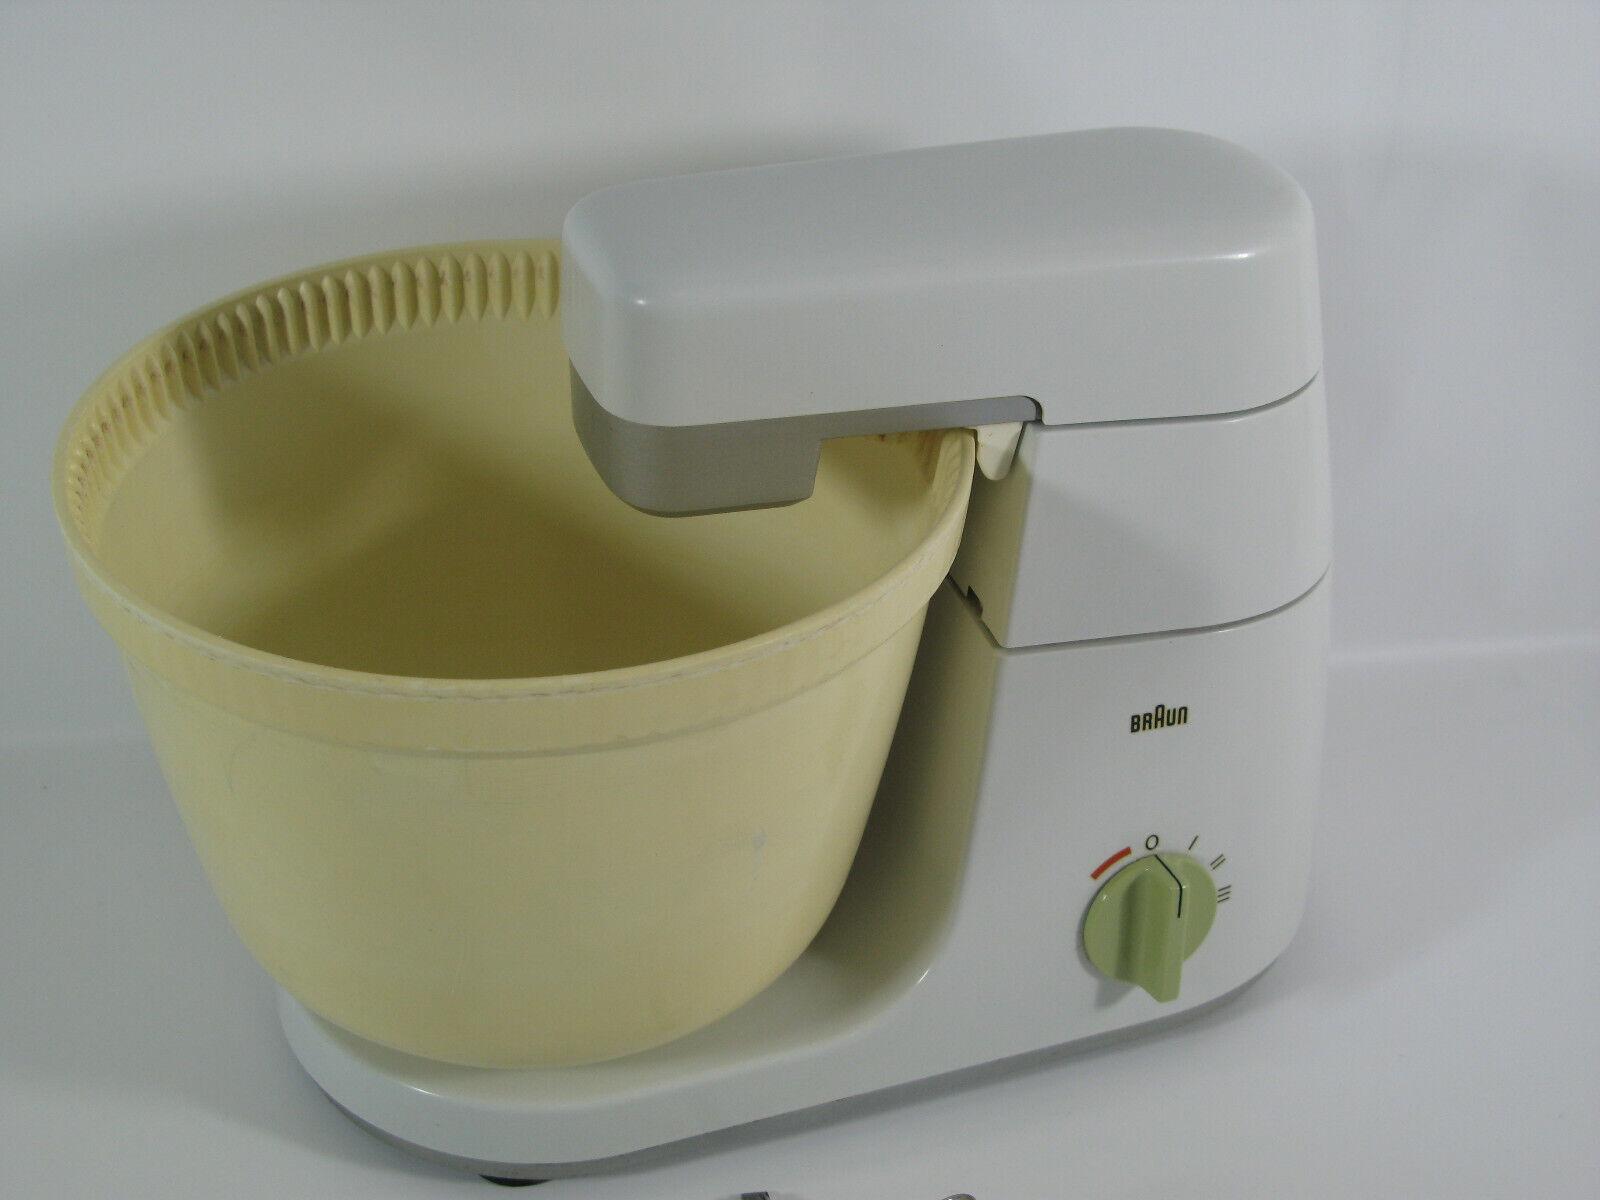 Braun KM 32 Vintage Küchenmaschine Typ 4209 mit Mixeraufsatz und Schnitzelwerk